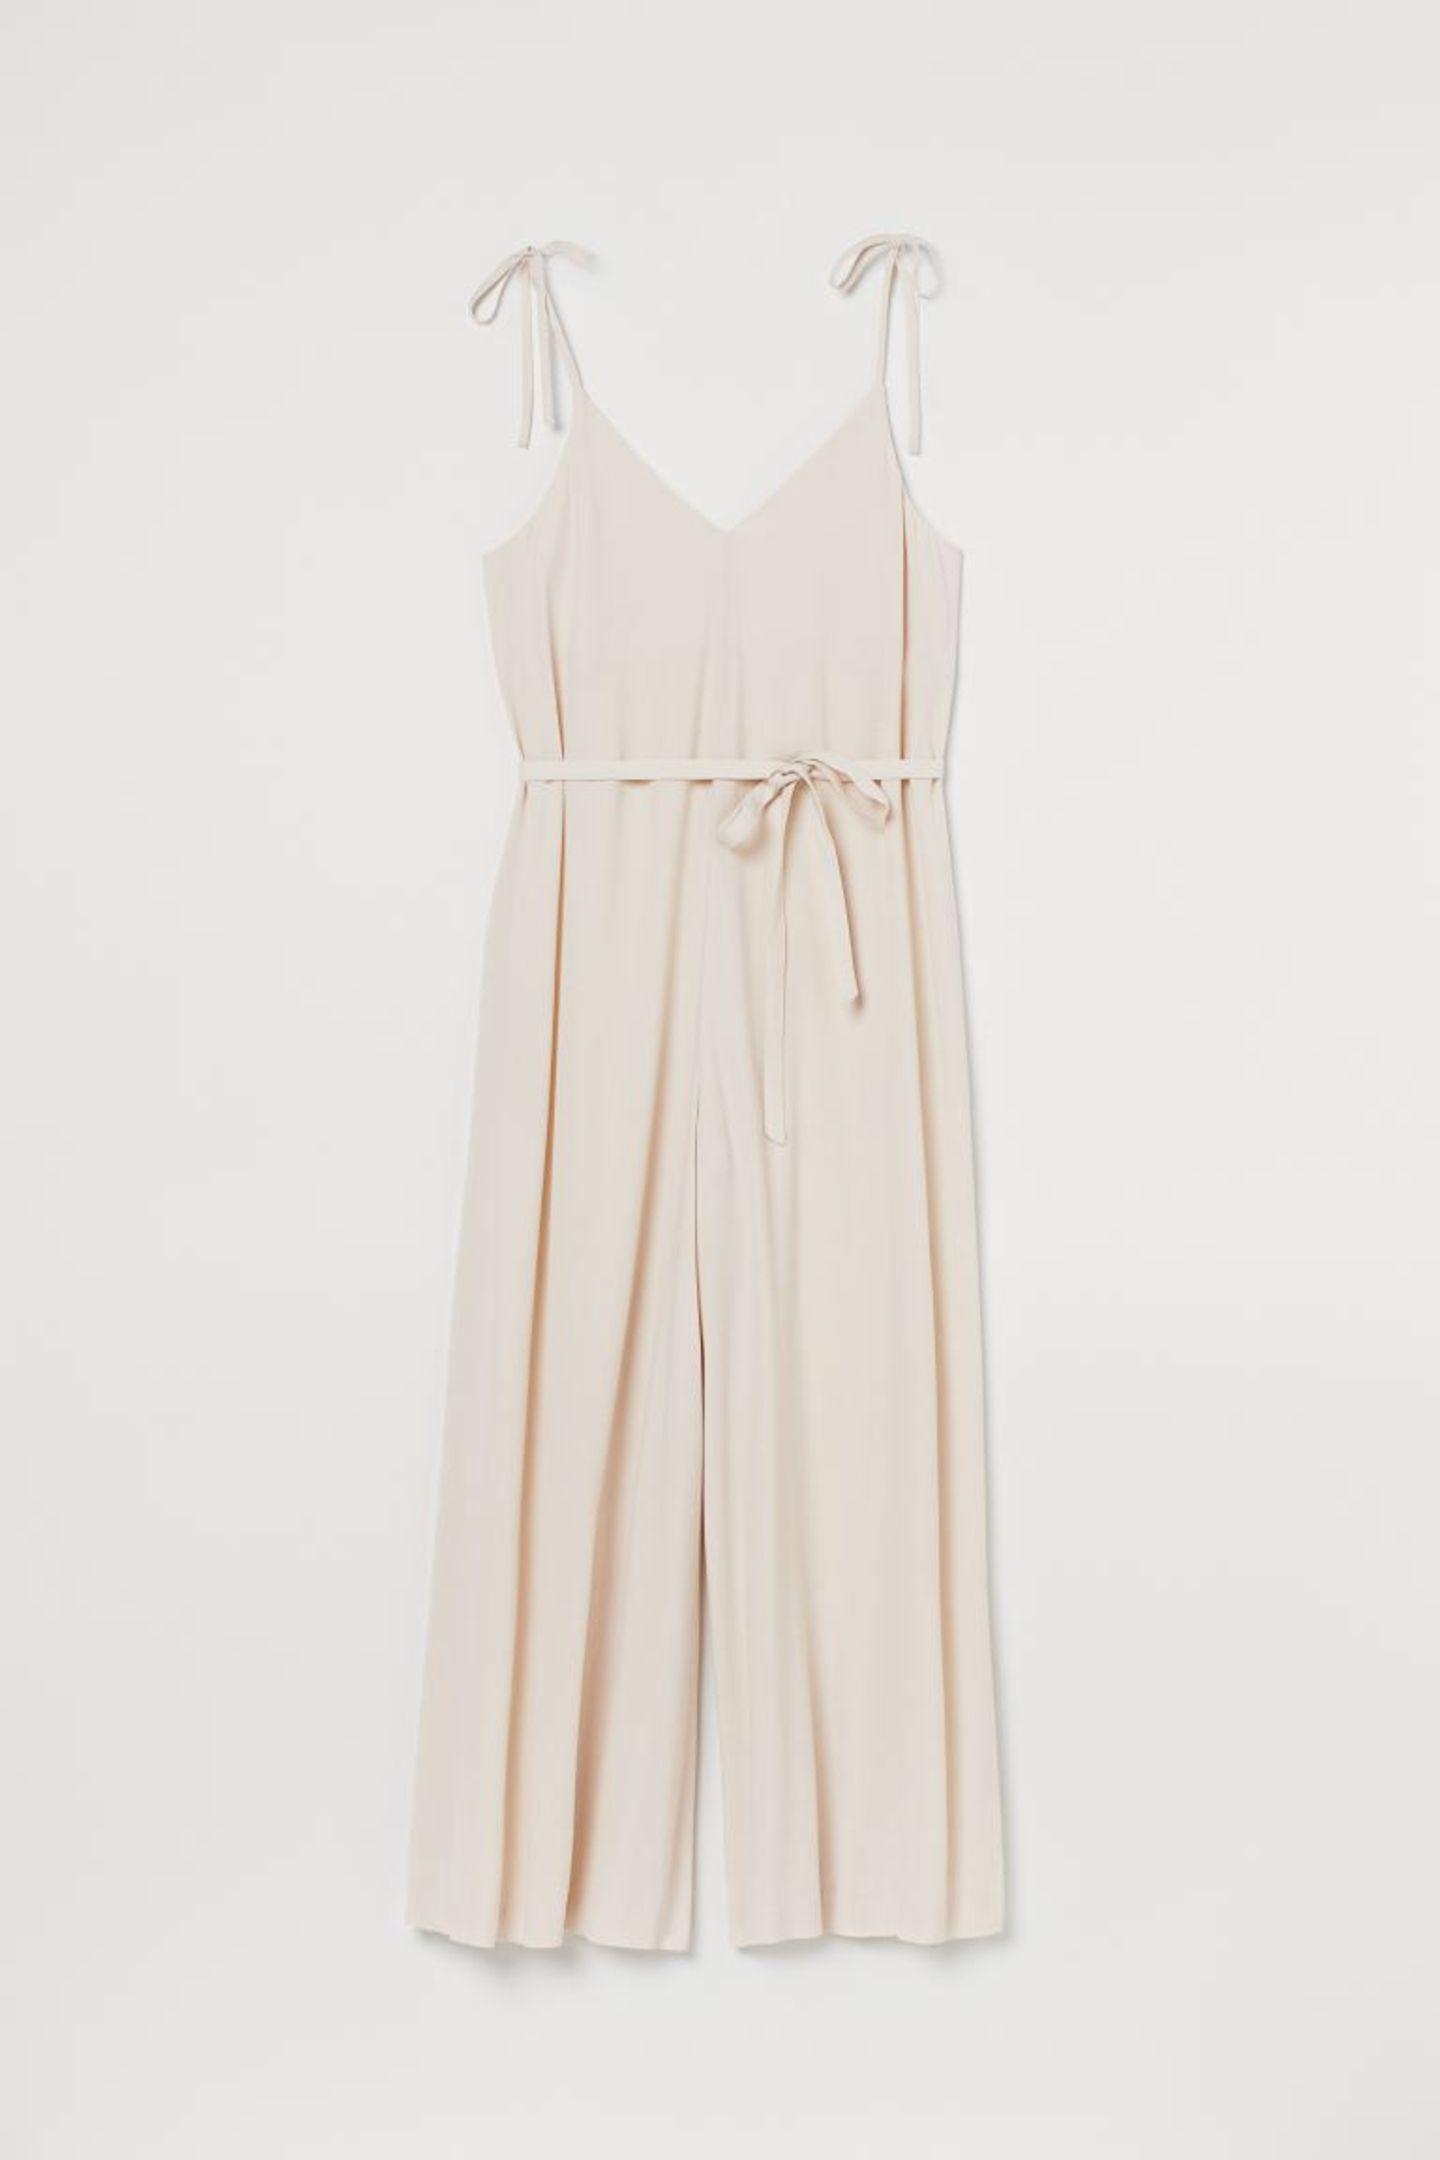 Es muss nicht immer ein Kleid sein, wenn es um luftige Sommerlooks geht. Dieser cremefarbene Jumpsuit mit extraweitem Bein und süßen Trägern zum Selberbinden aus einem Lyocellmix ist der perfekte Buddy an heißen Tagen. Von H&M, um 30 Euro.